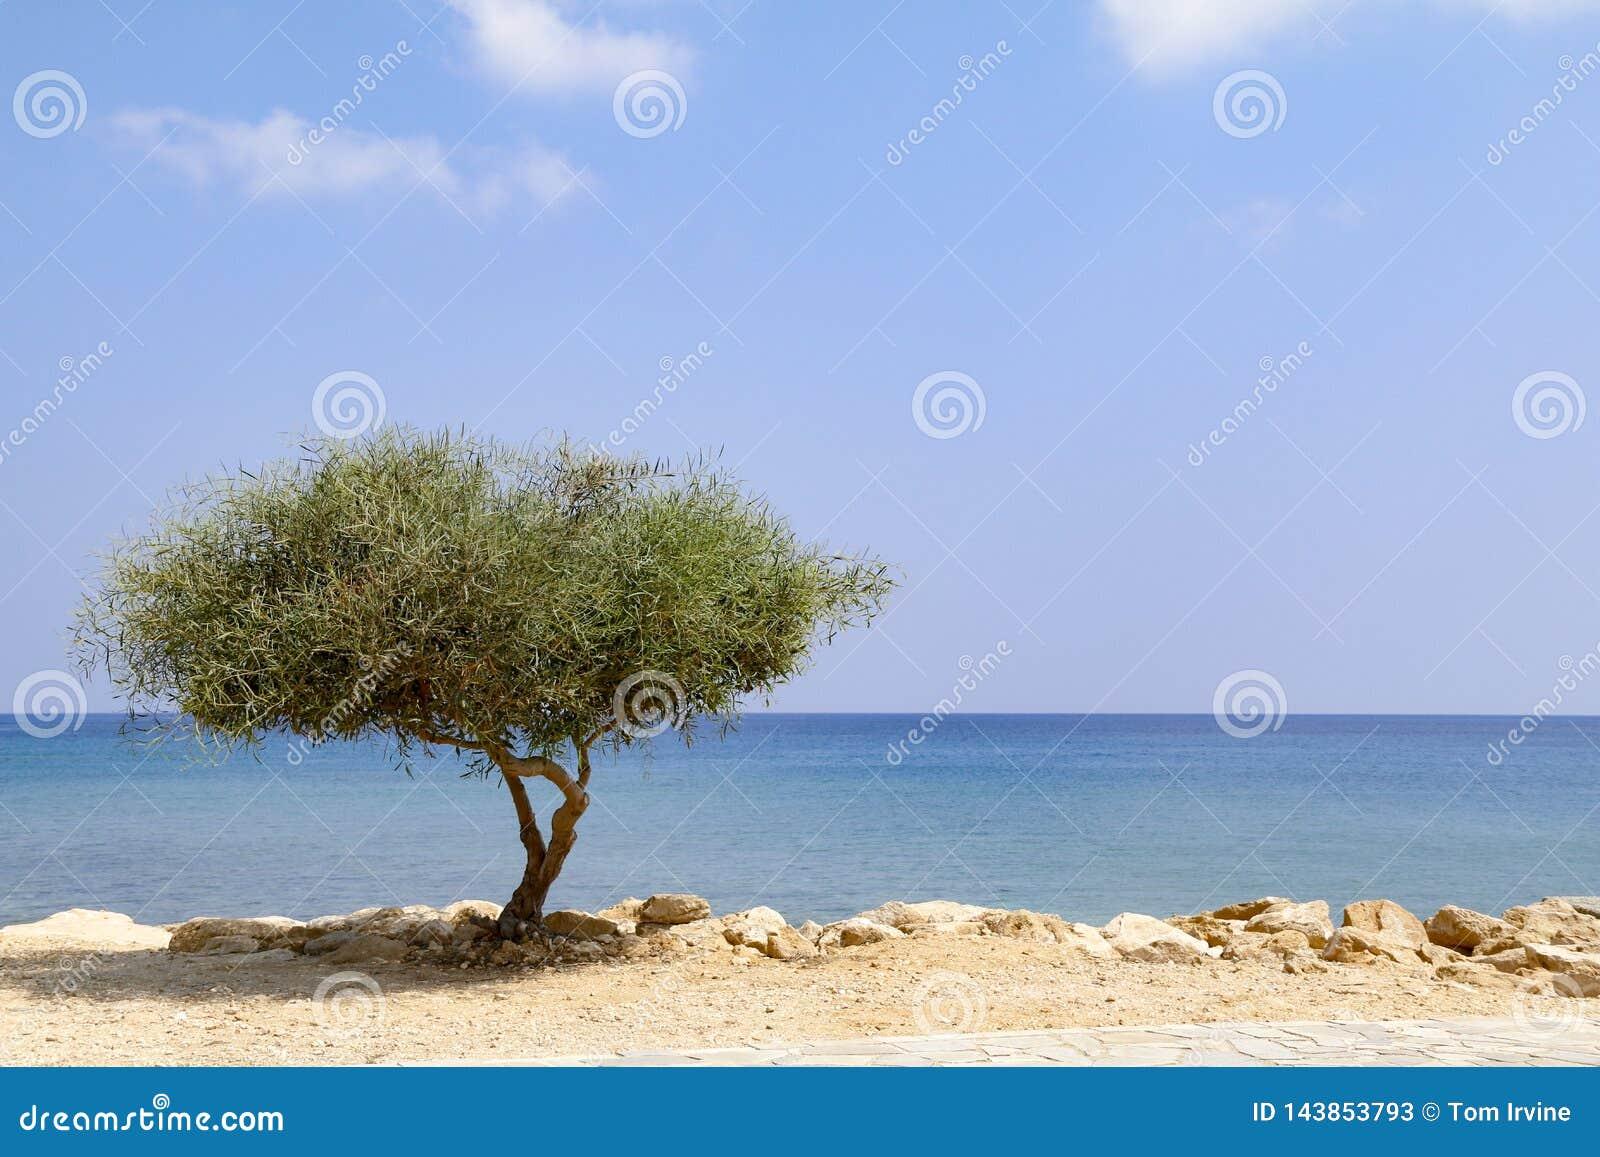 Samotny drzewo obok morza na słonecznym dniu z niebieskim niebem